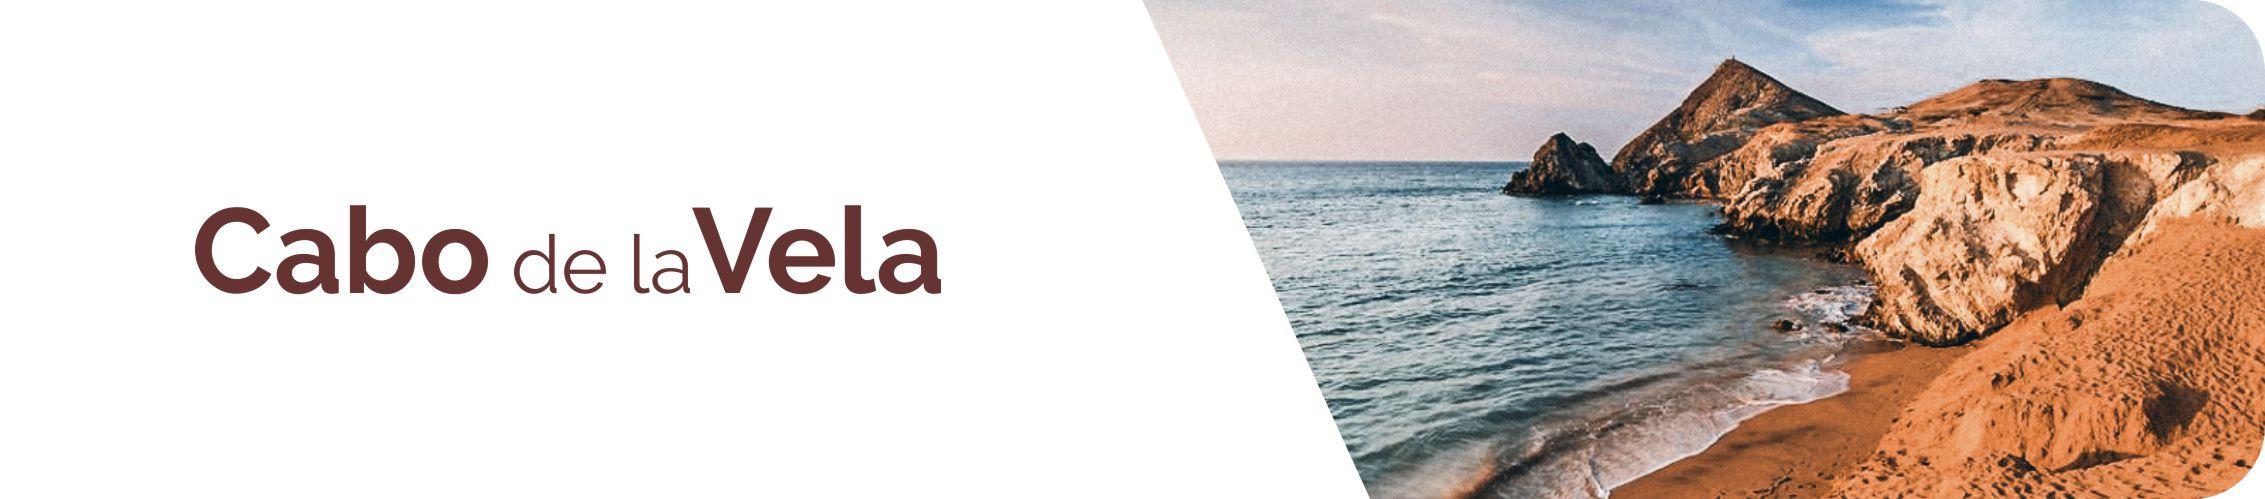 cabo-vela-expotur-guajira-colombia-suramerica-norte